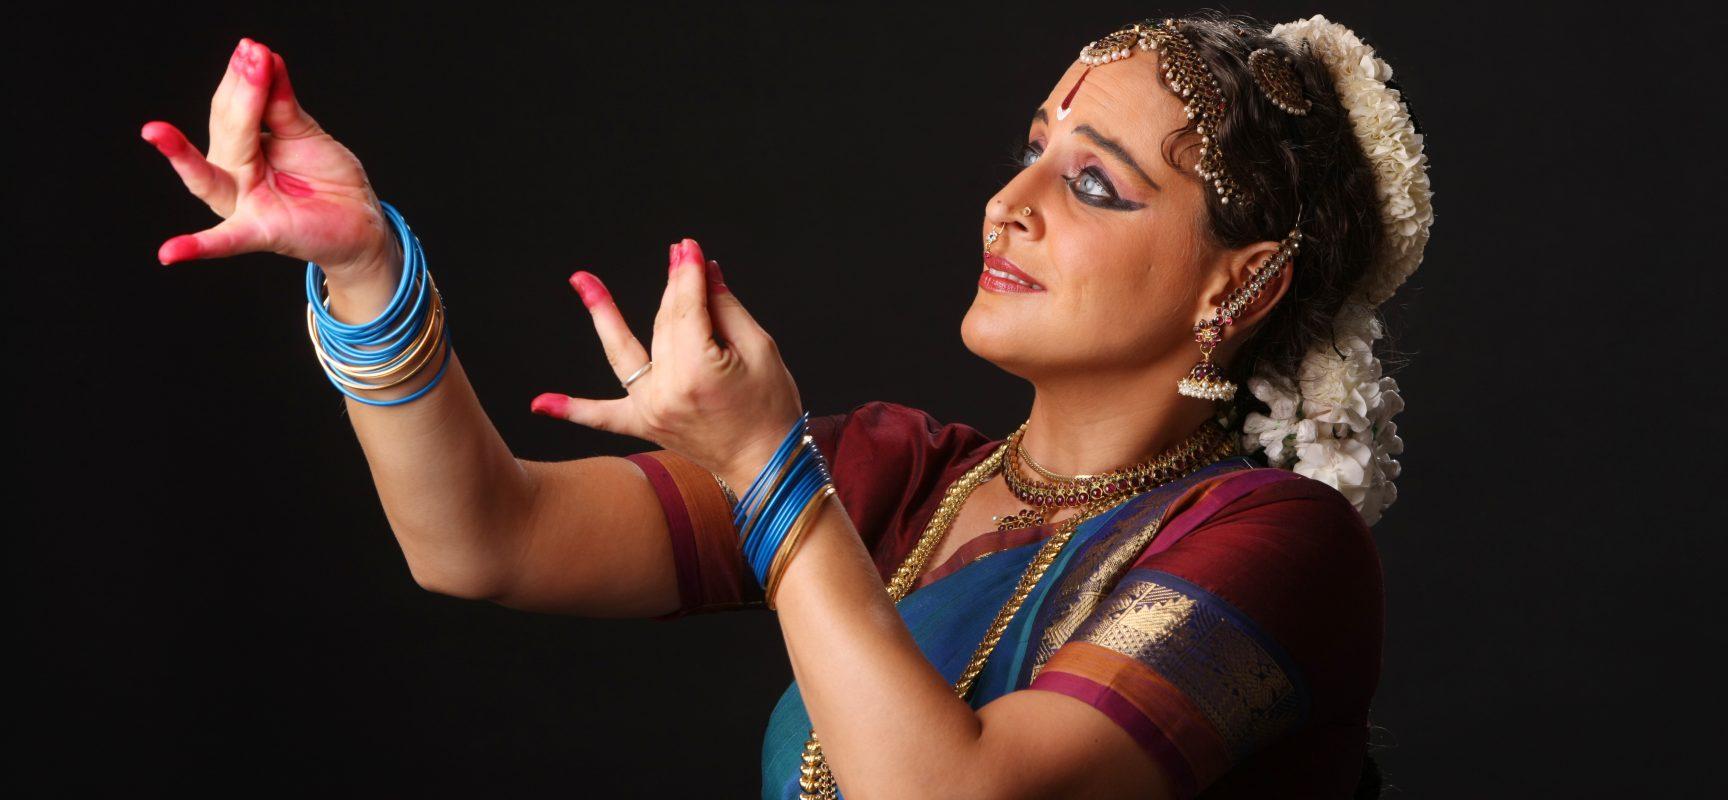 A Napoli stage di teatro danza classico indiano